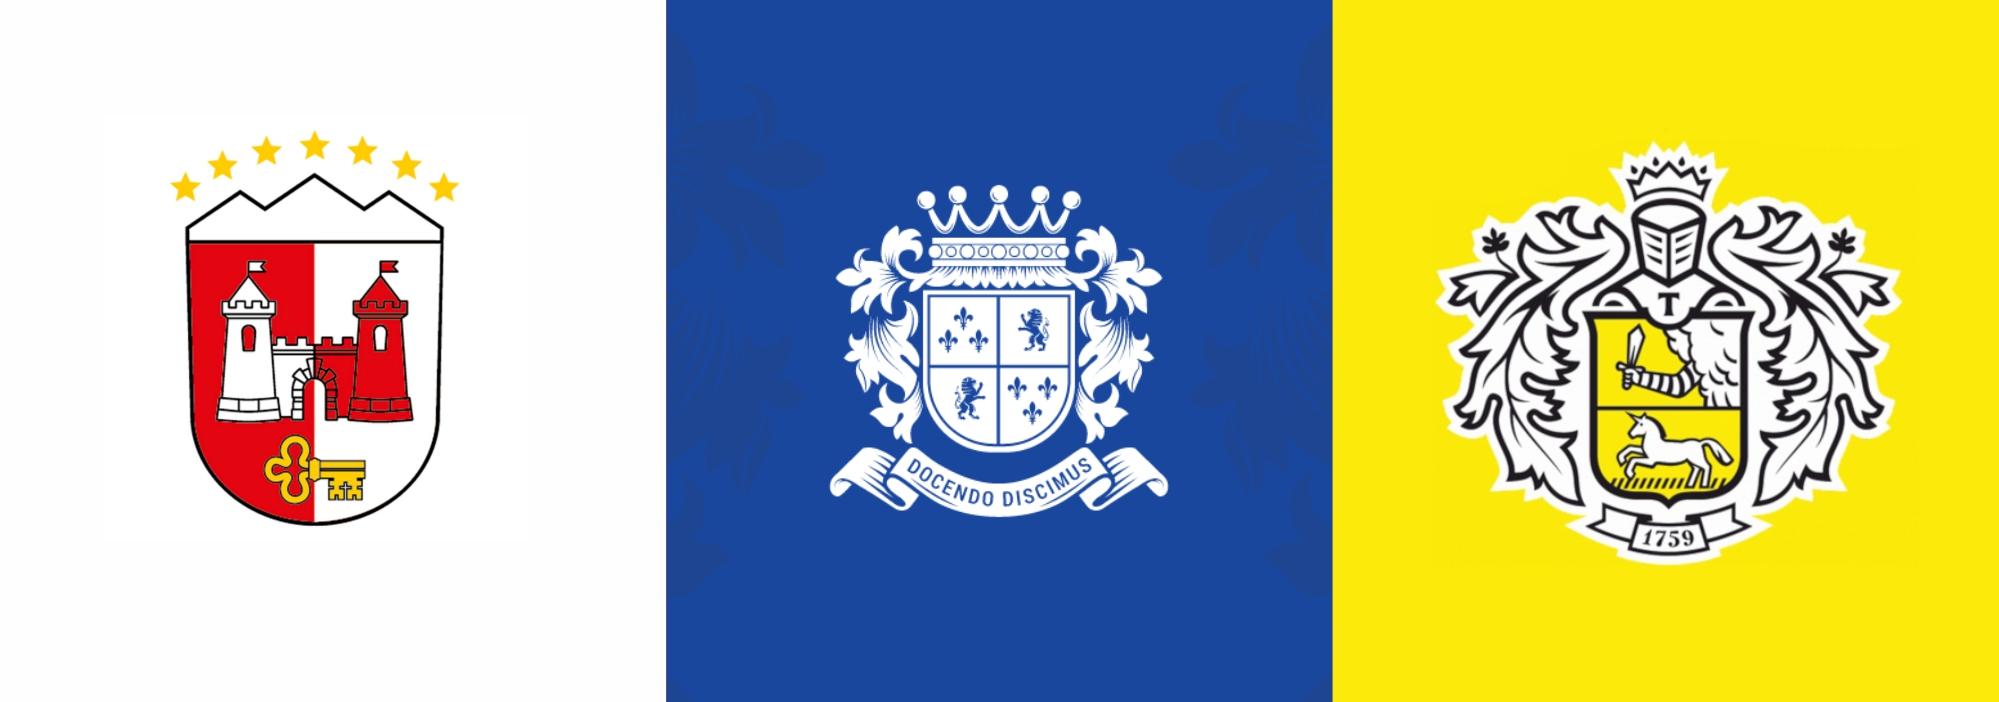 Гербовый логотип